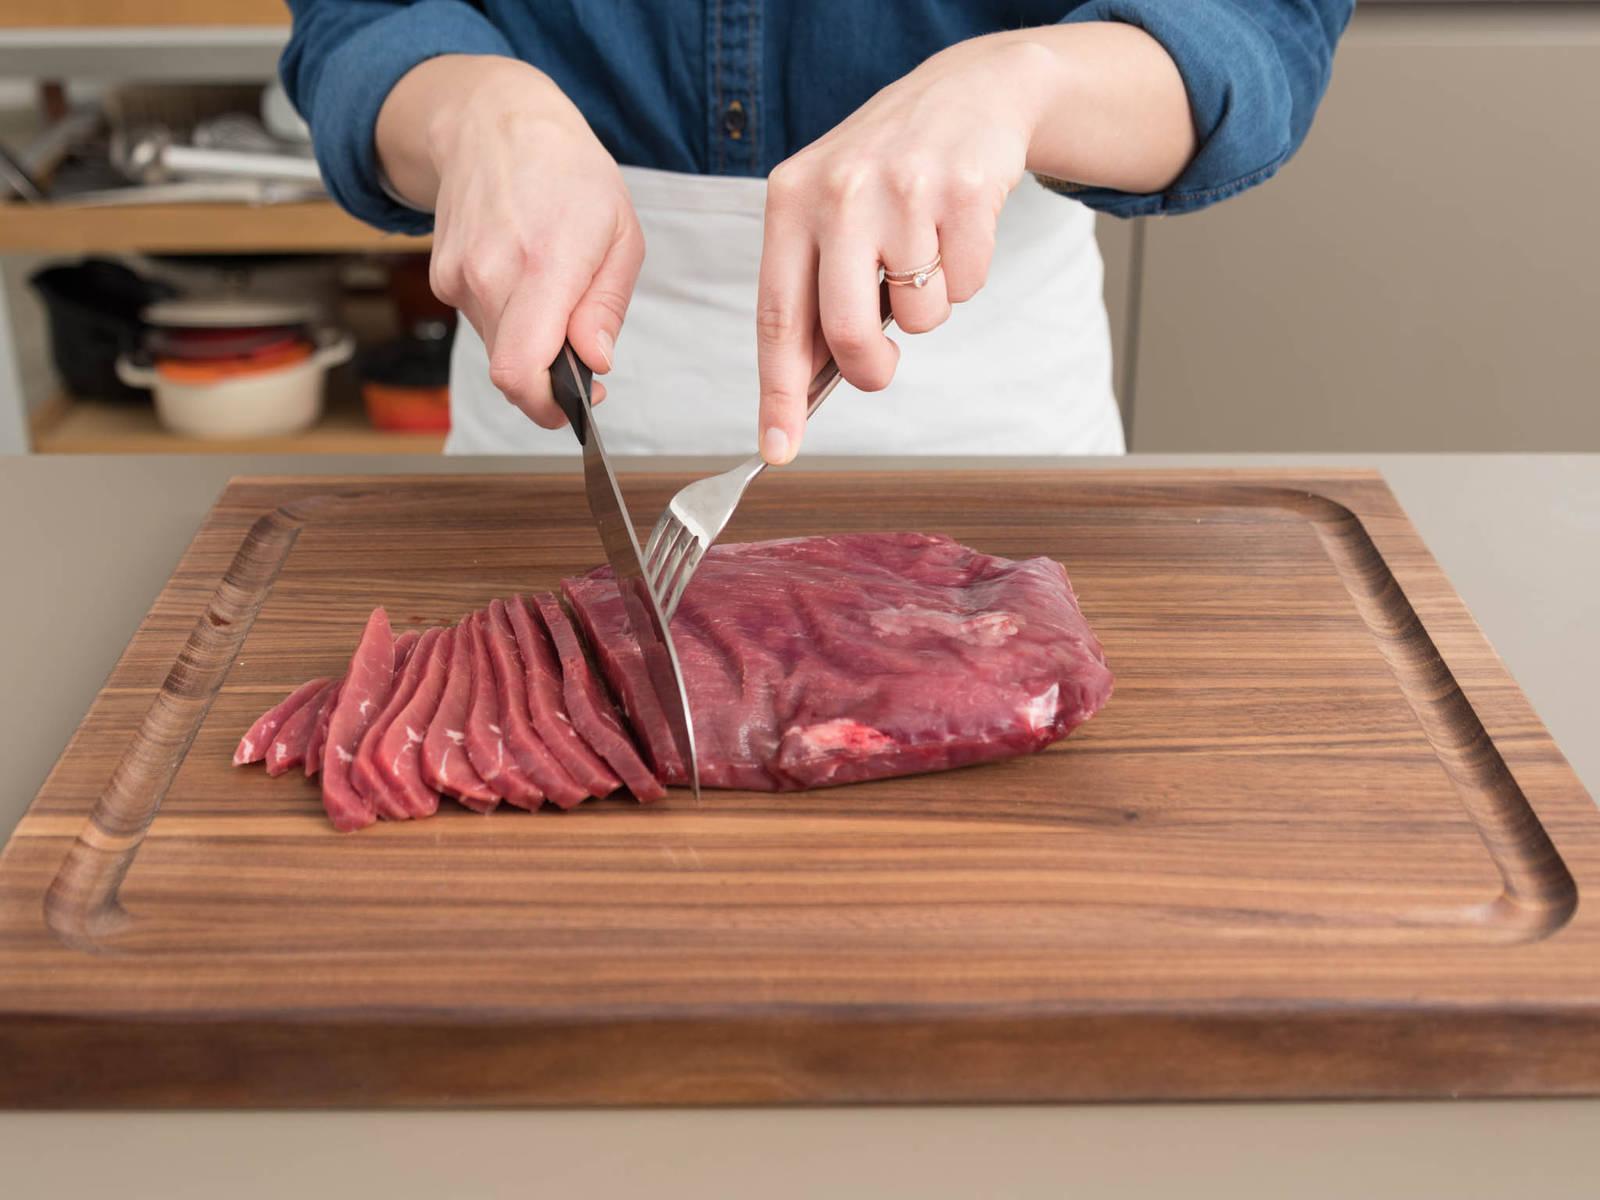 Fleisch in Frischhaltefolie wickeln und für ca. 1 Stunde einfrieren. Dadurch lässt sich das Fleisch leichter schneiden. Anschließend das Fleisch gegen die Faser in dünne Streifen schneiden und in eine große Schüssel oder einen verschließbaren Gefrierbeutel geben.